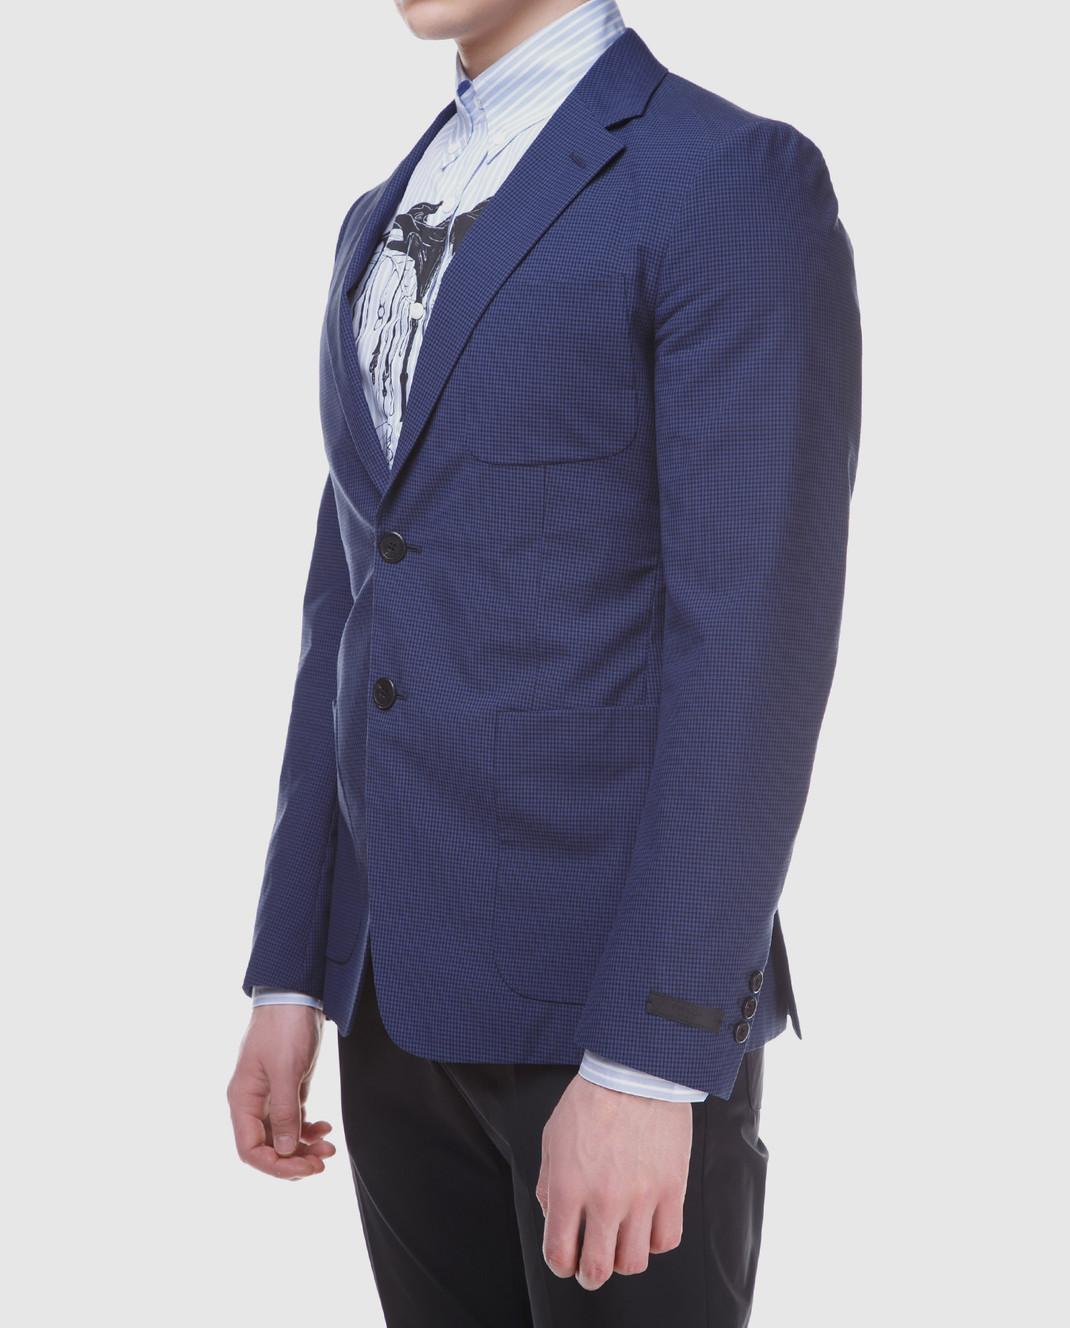 Prada Синий пиджак UGF003 изображение 3